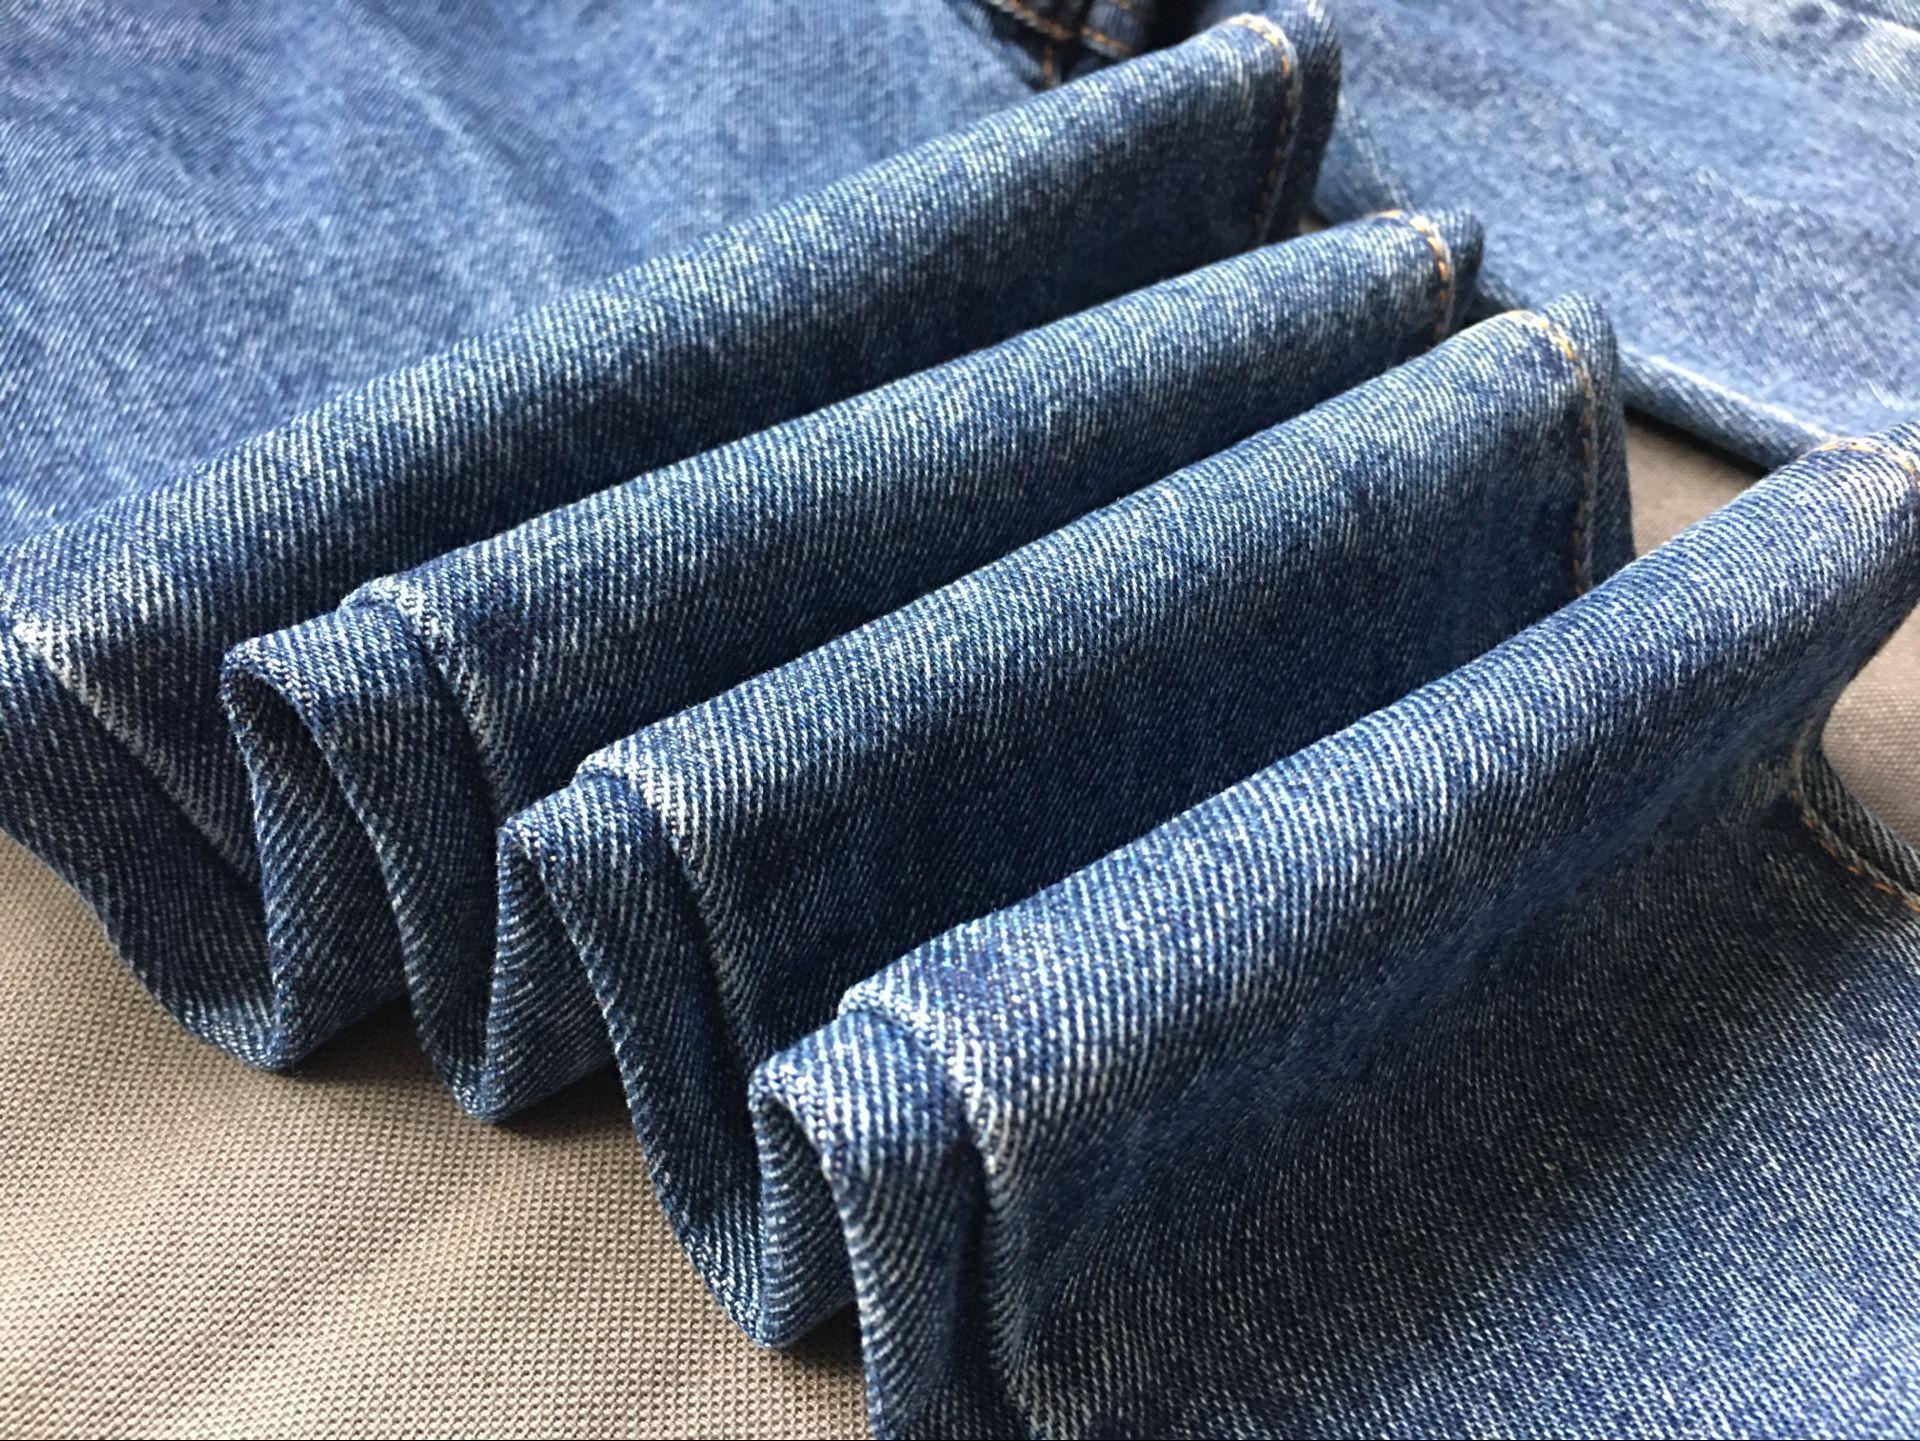 Kadın Ince Yüksek Bel Kot Bahar Yaz Moda Fit Sıska Uzun Geri Delik Tasarım Kot Tek Göğüslü Kalem Pantolon